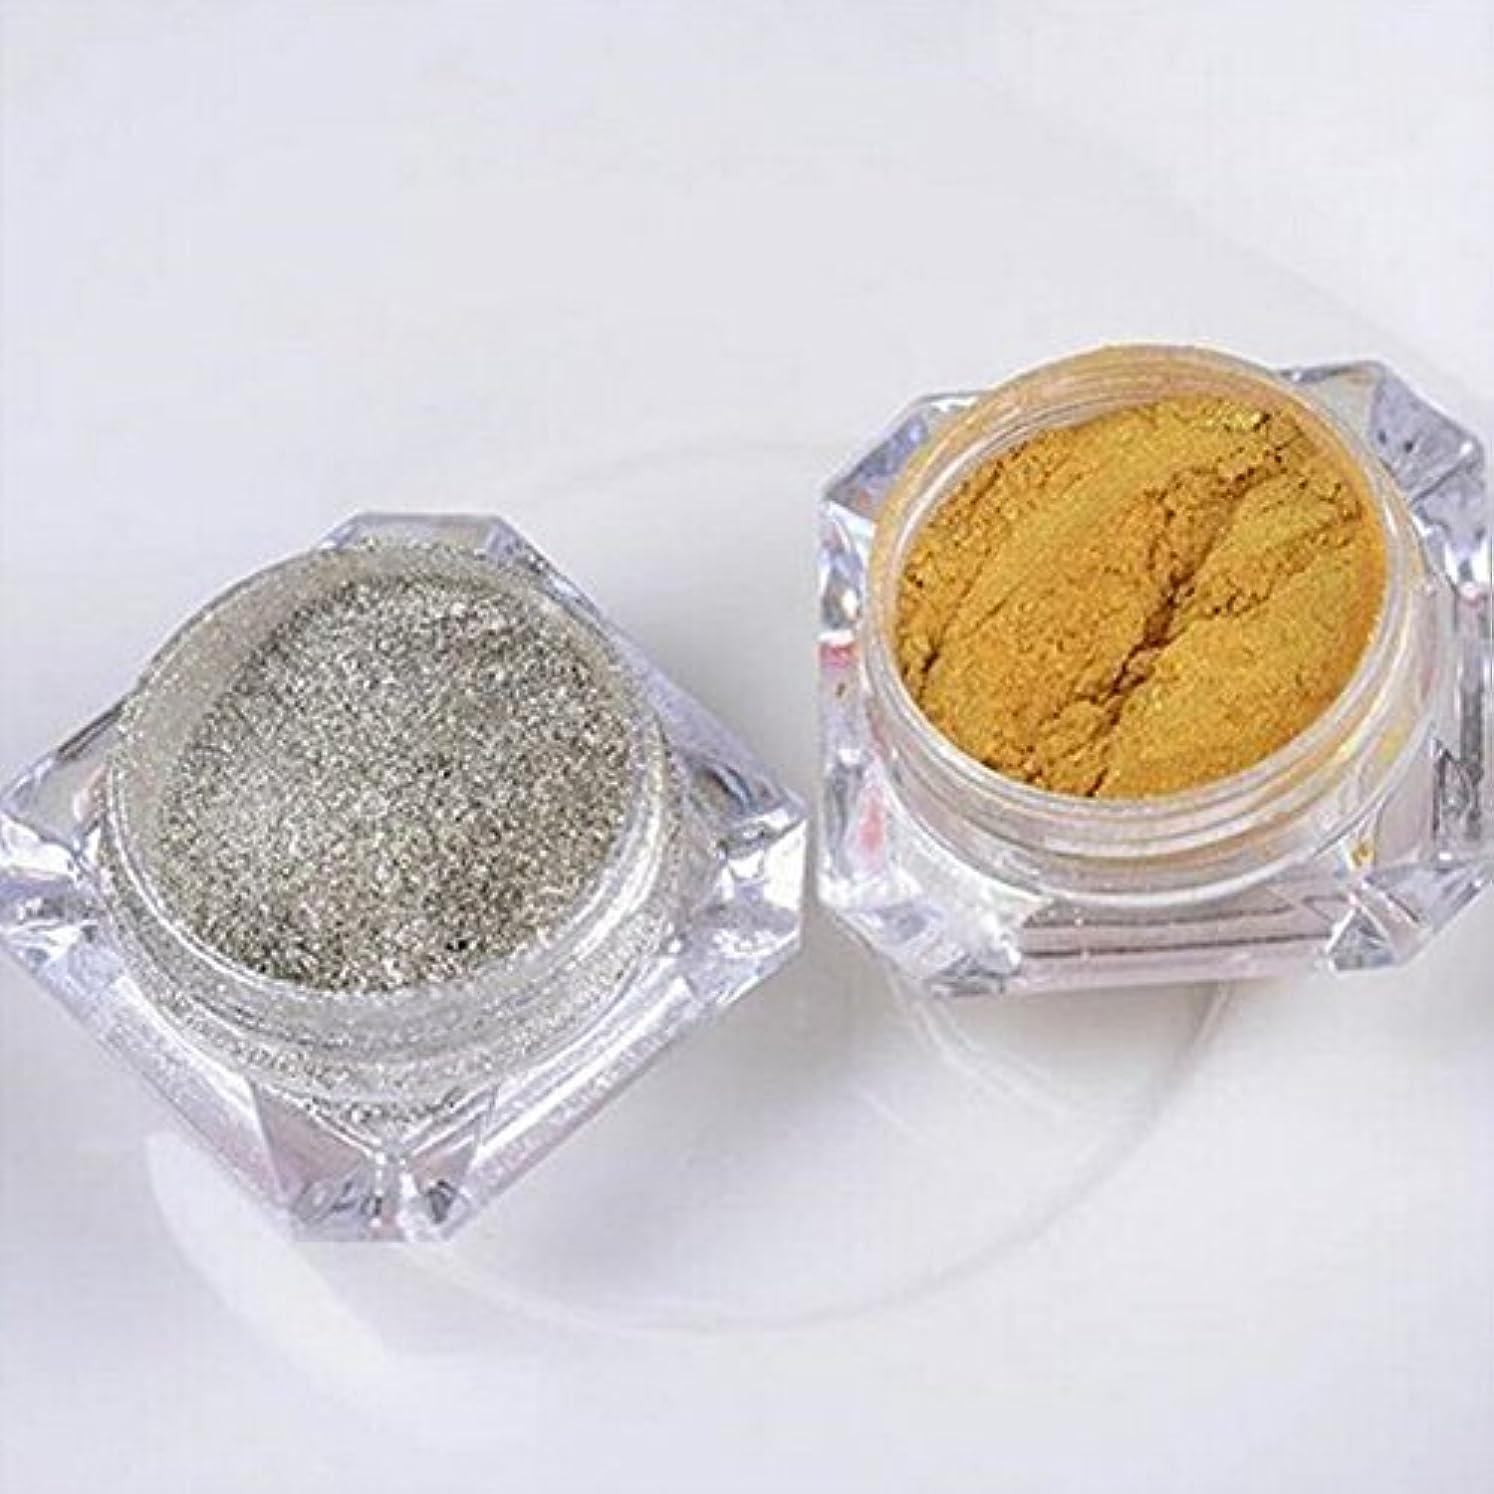 内訳六微生物Doitsa フラッシュ ネイル用 パウダー ネイル 微分子 ラメグリッター スーパーフラッシュ スパンコール ゴールド シルバー 2色セット 各色3g入り